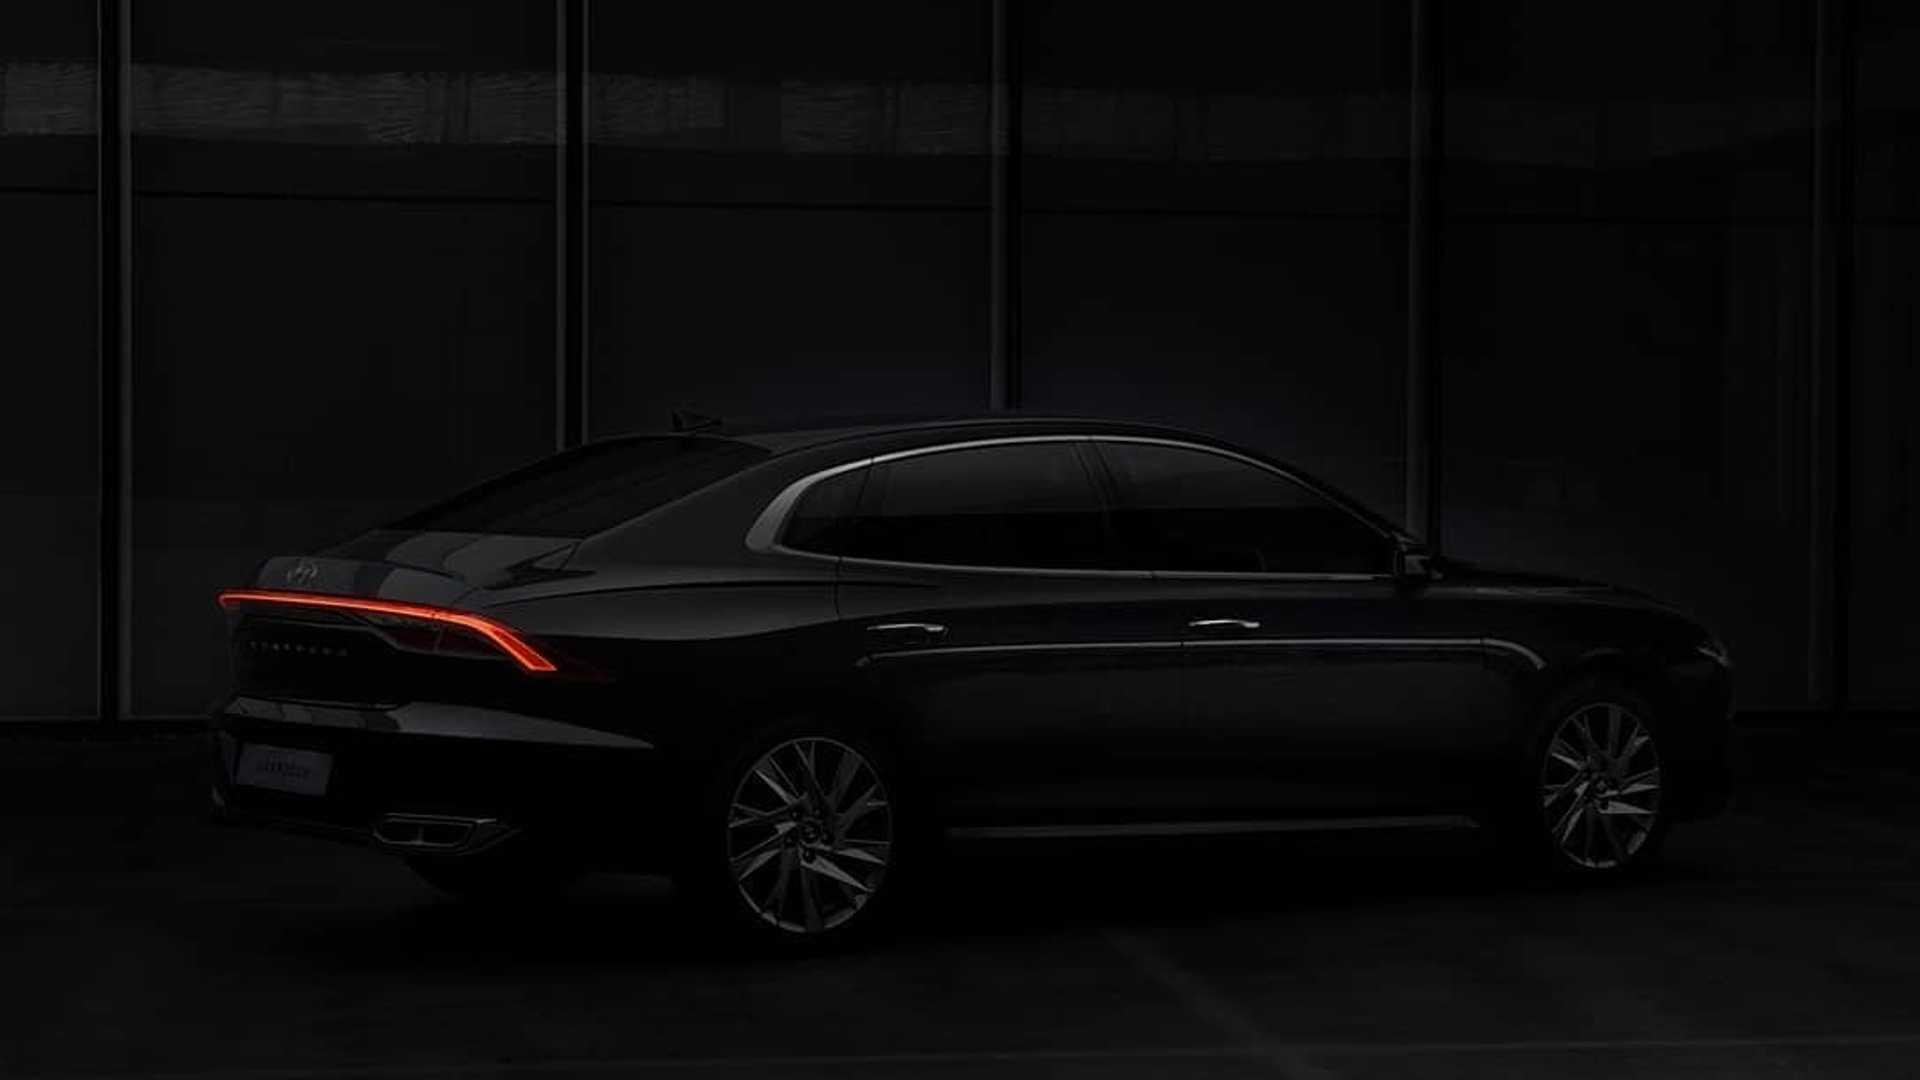 Sedan Hyundai Grandeur Facelift 2020 thiết kế cụm đèn pha bên trong lưới tản nhiệt phía trước - 4